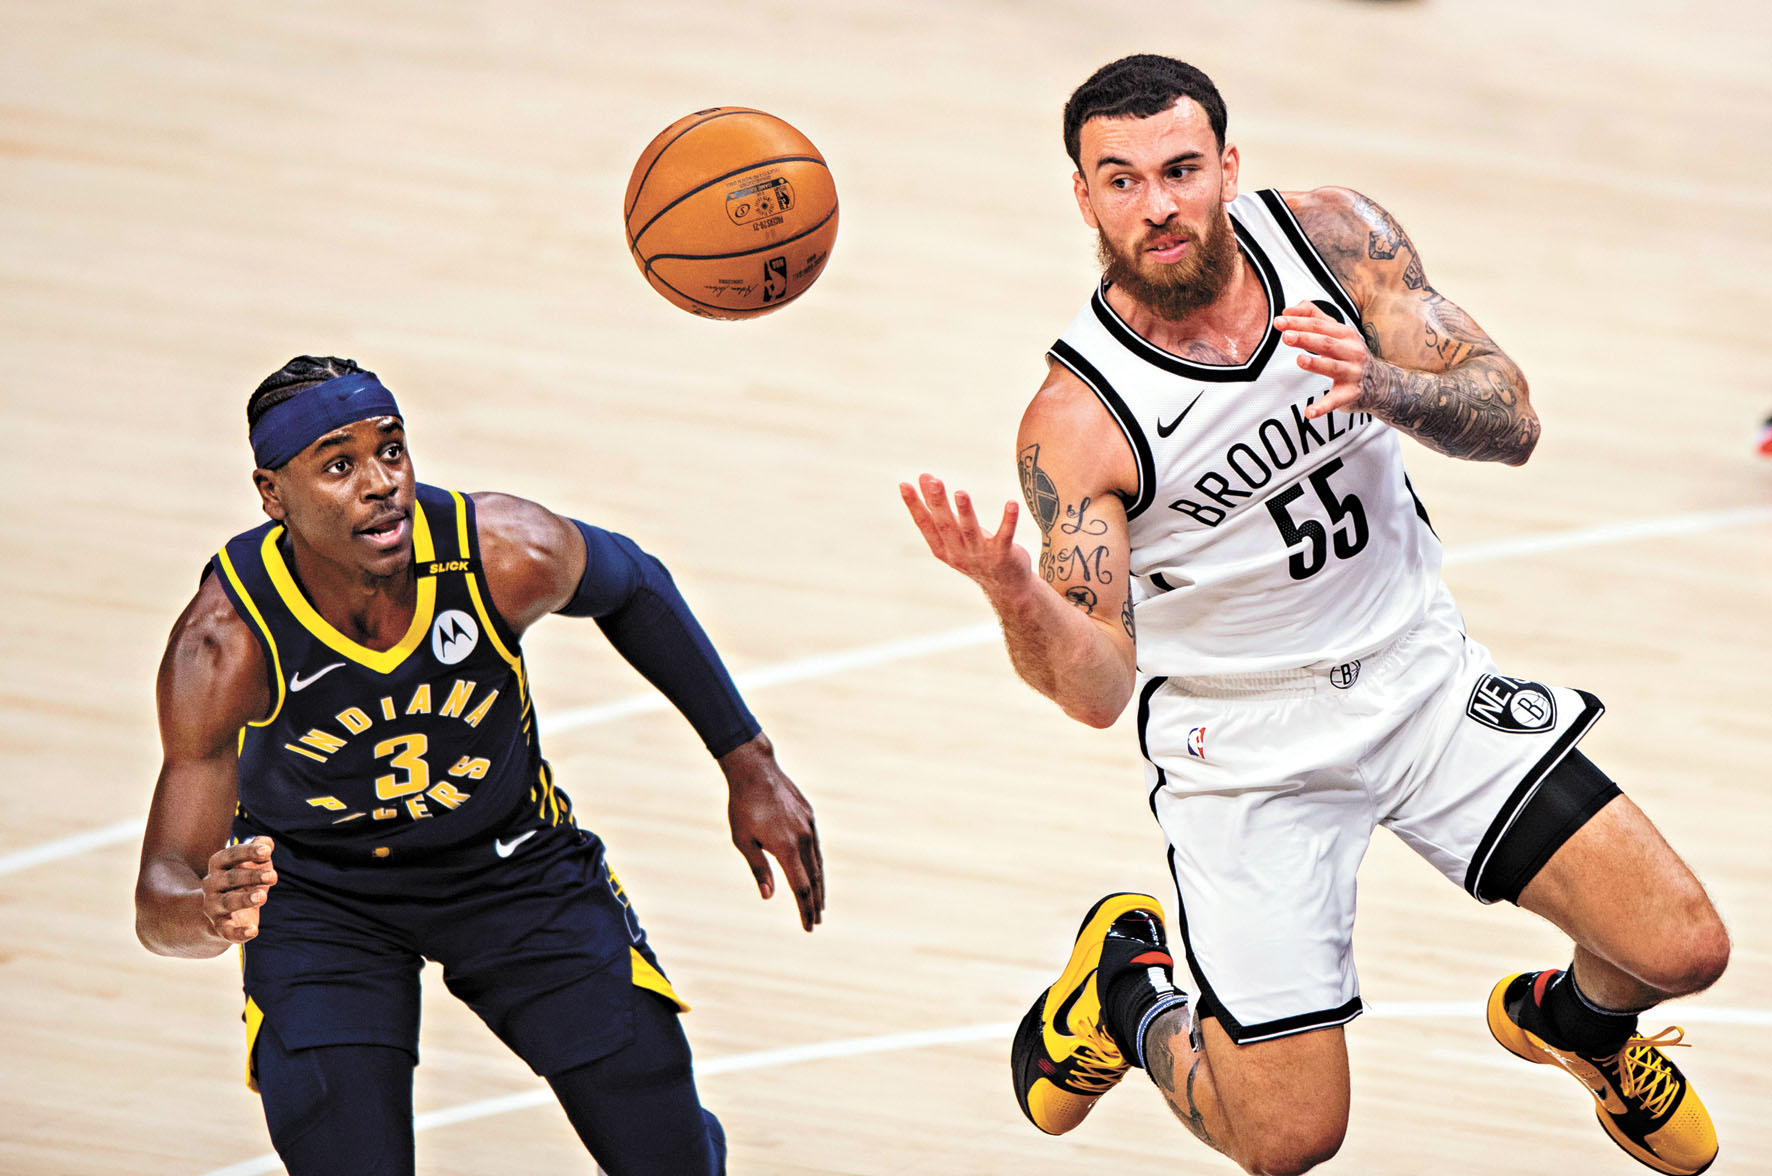 加盟籃網以來,邁克(右)的表現獲得認可。美聯社C